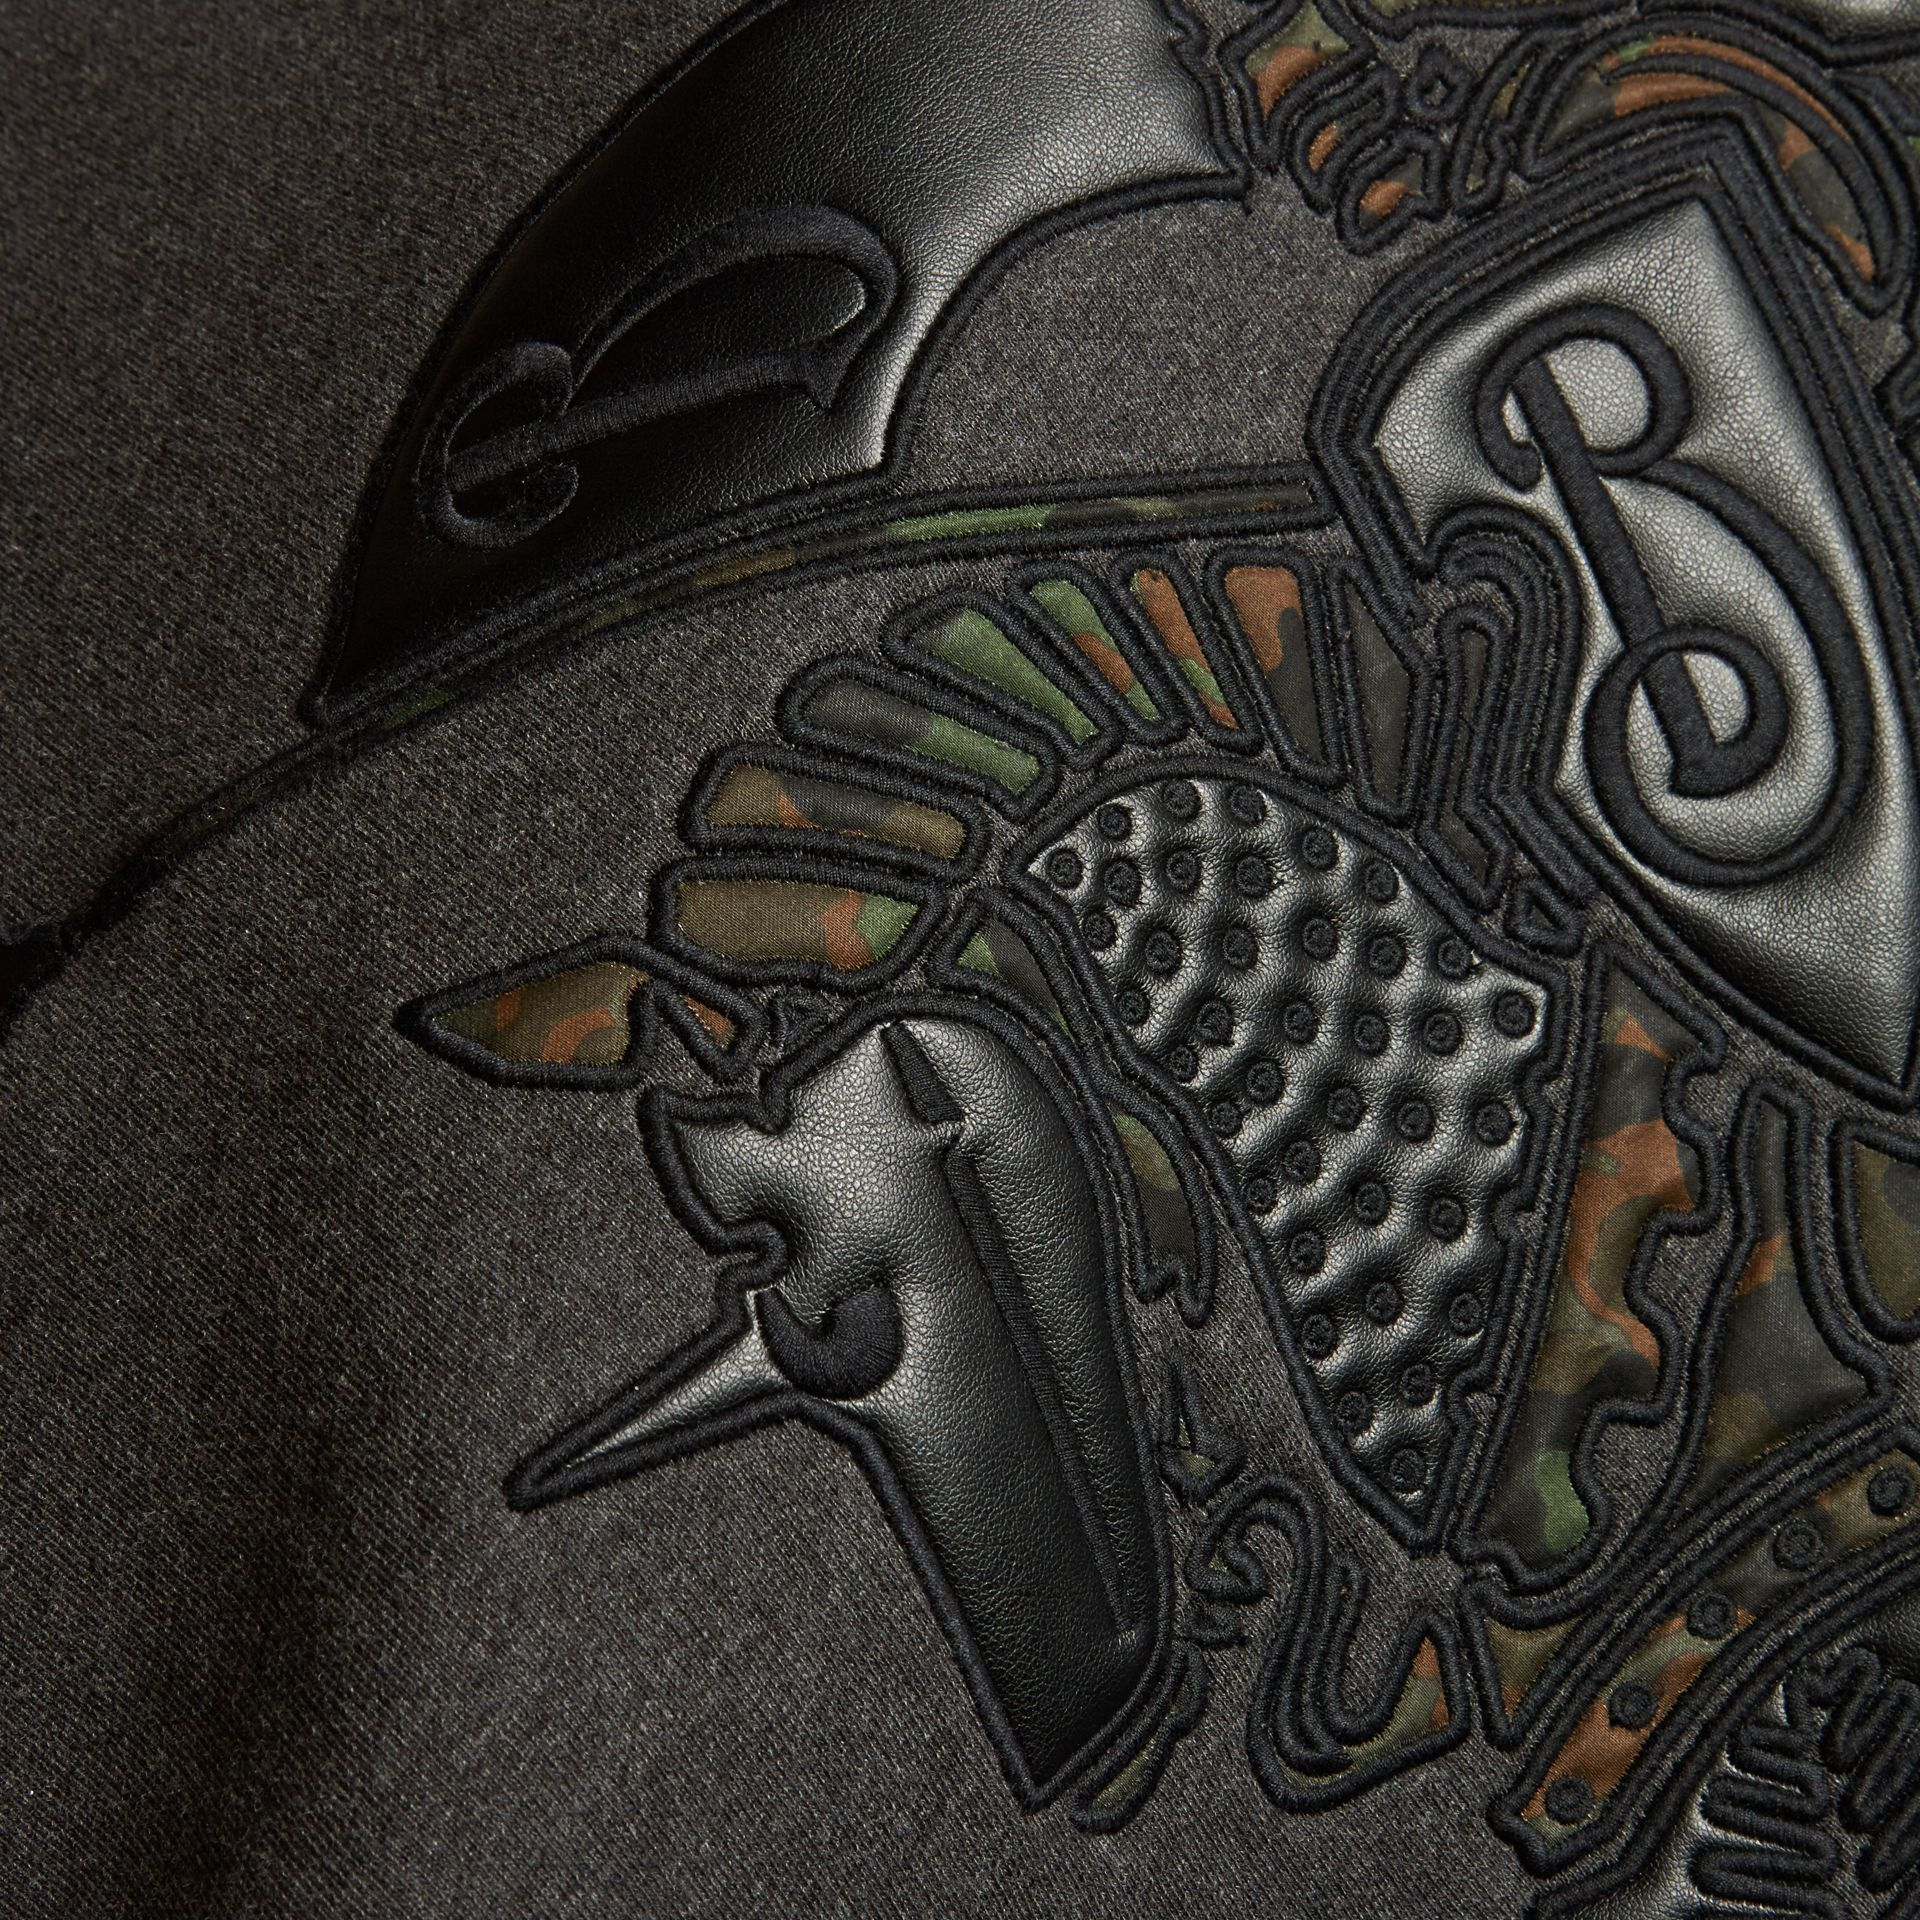 チャコールメランジ エクエストリアンナイト デヴァイス コットン&ラムスキン スウェットシャツ - ギャラリーイメージ 2